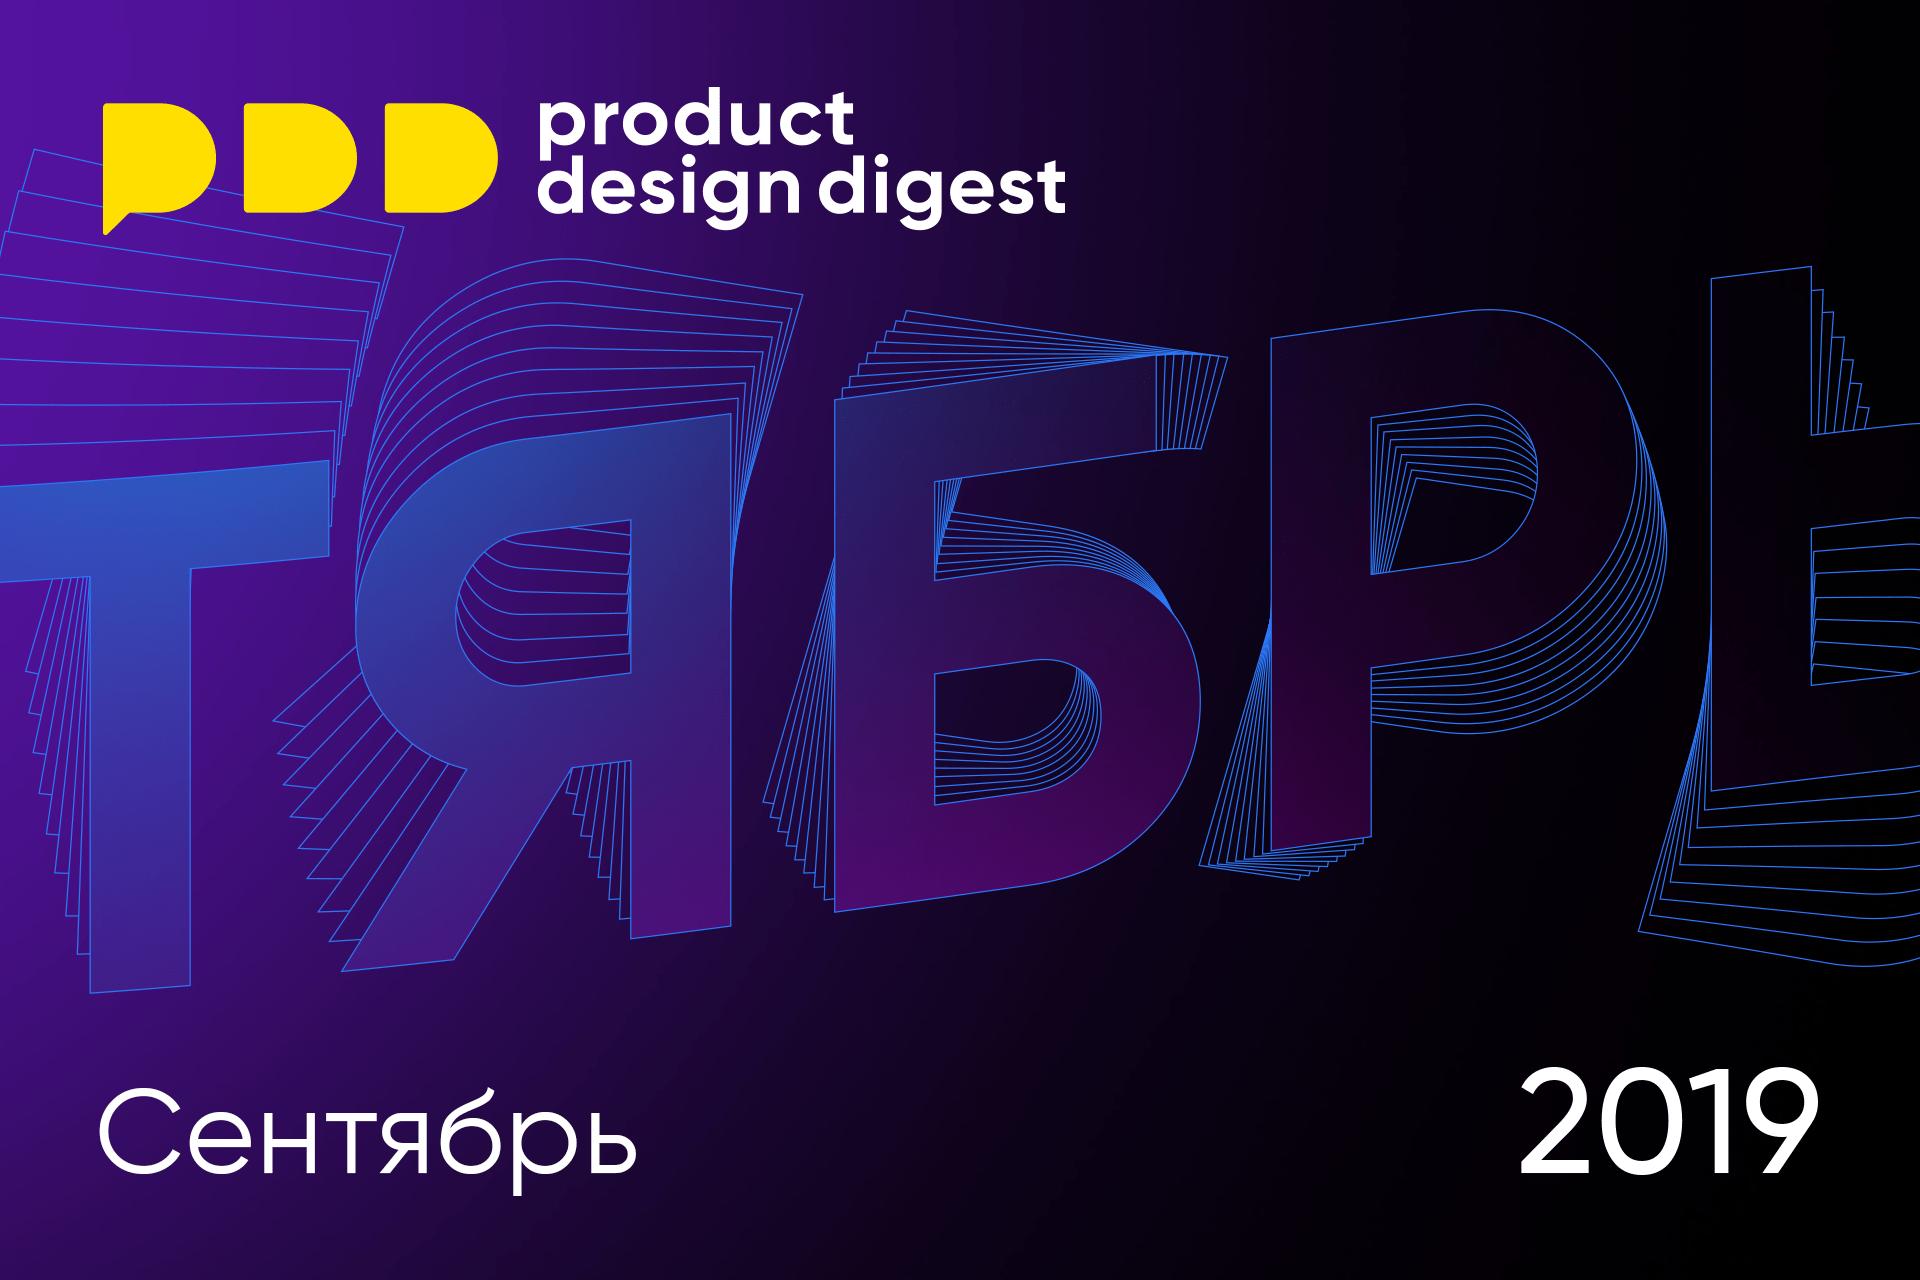 Дайджест продуктового дизайна, сентябрь 2019